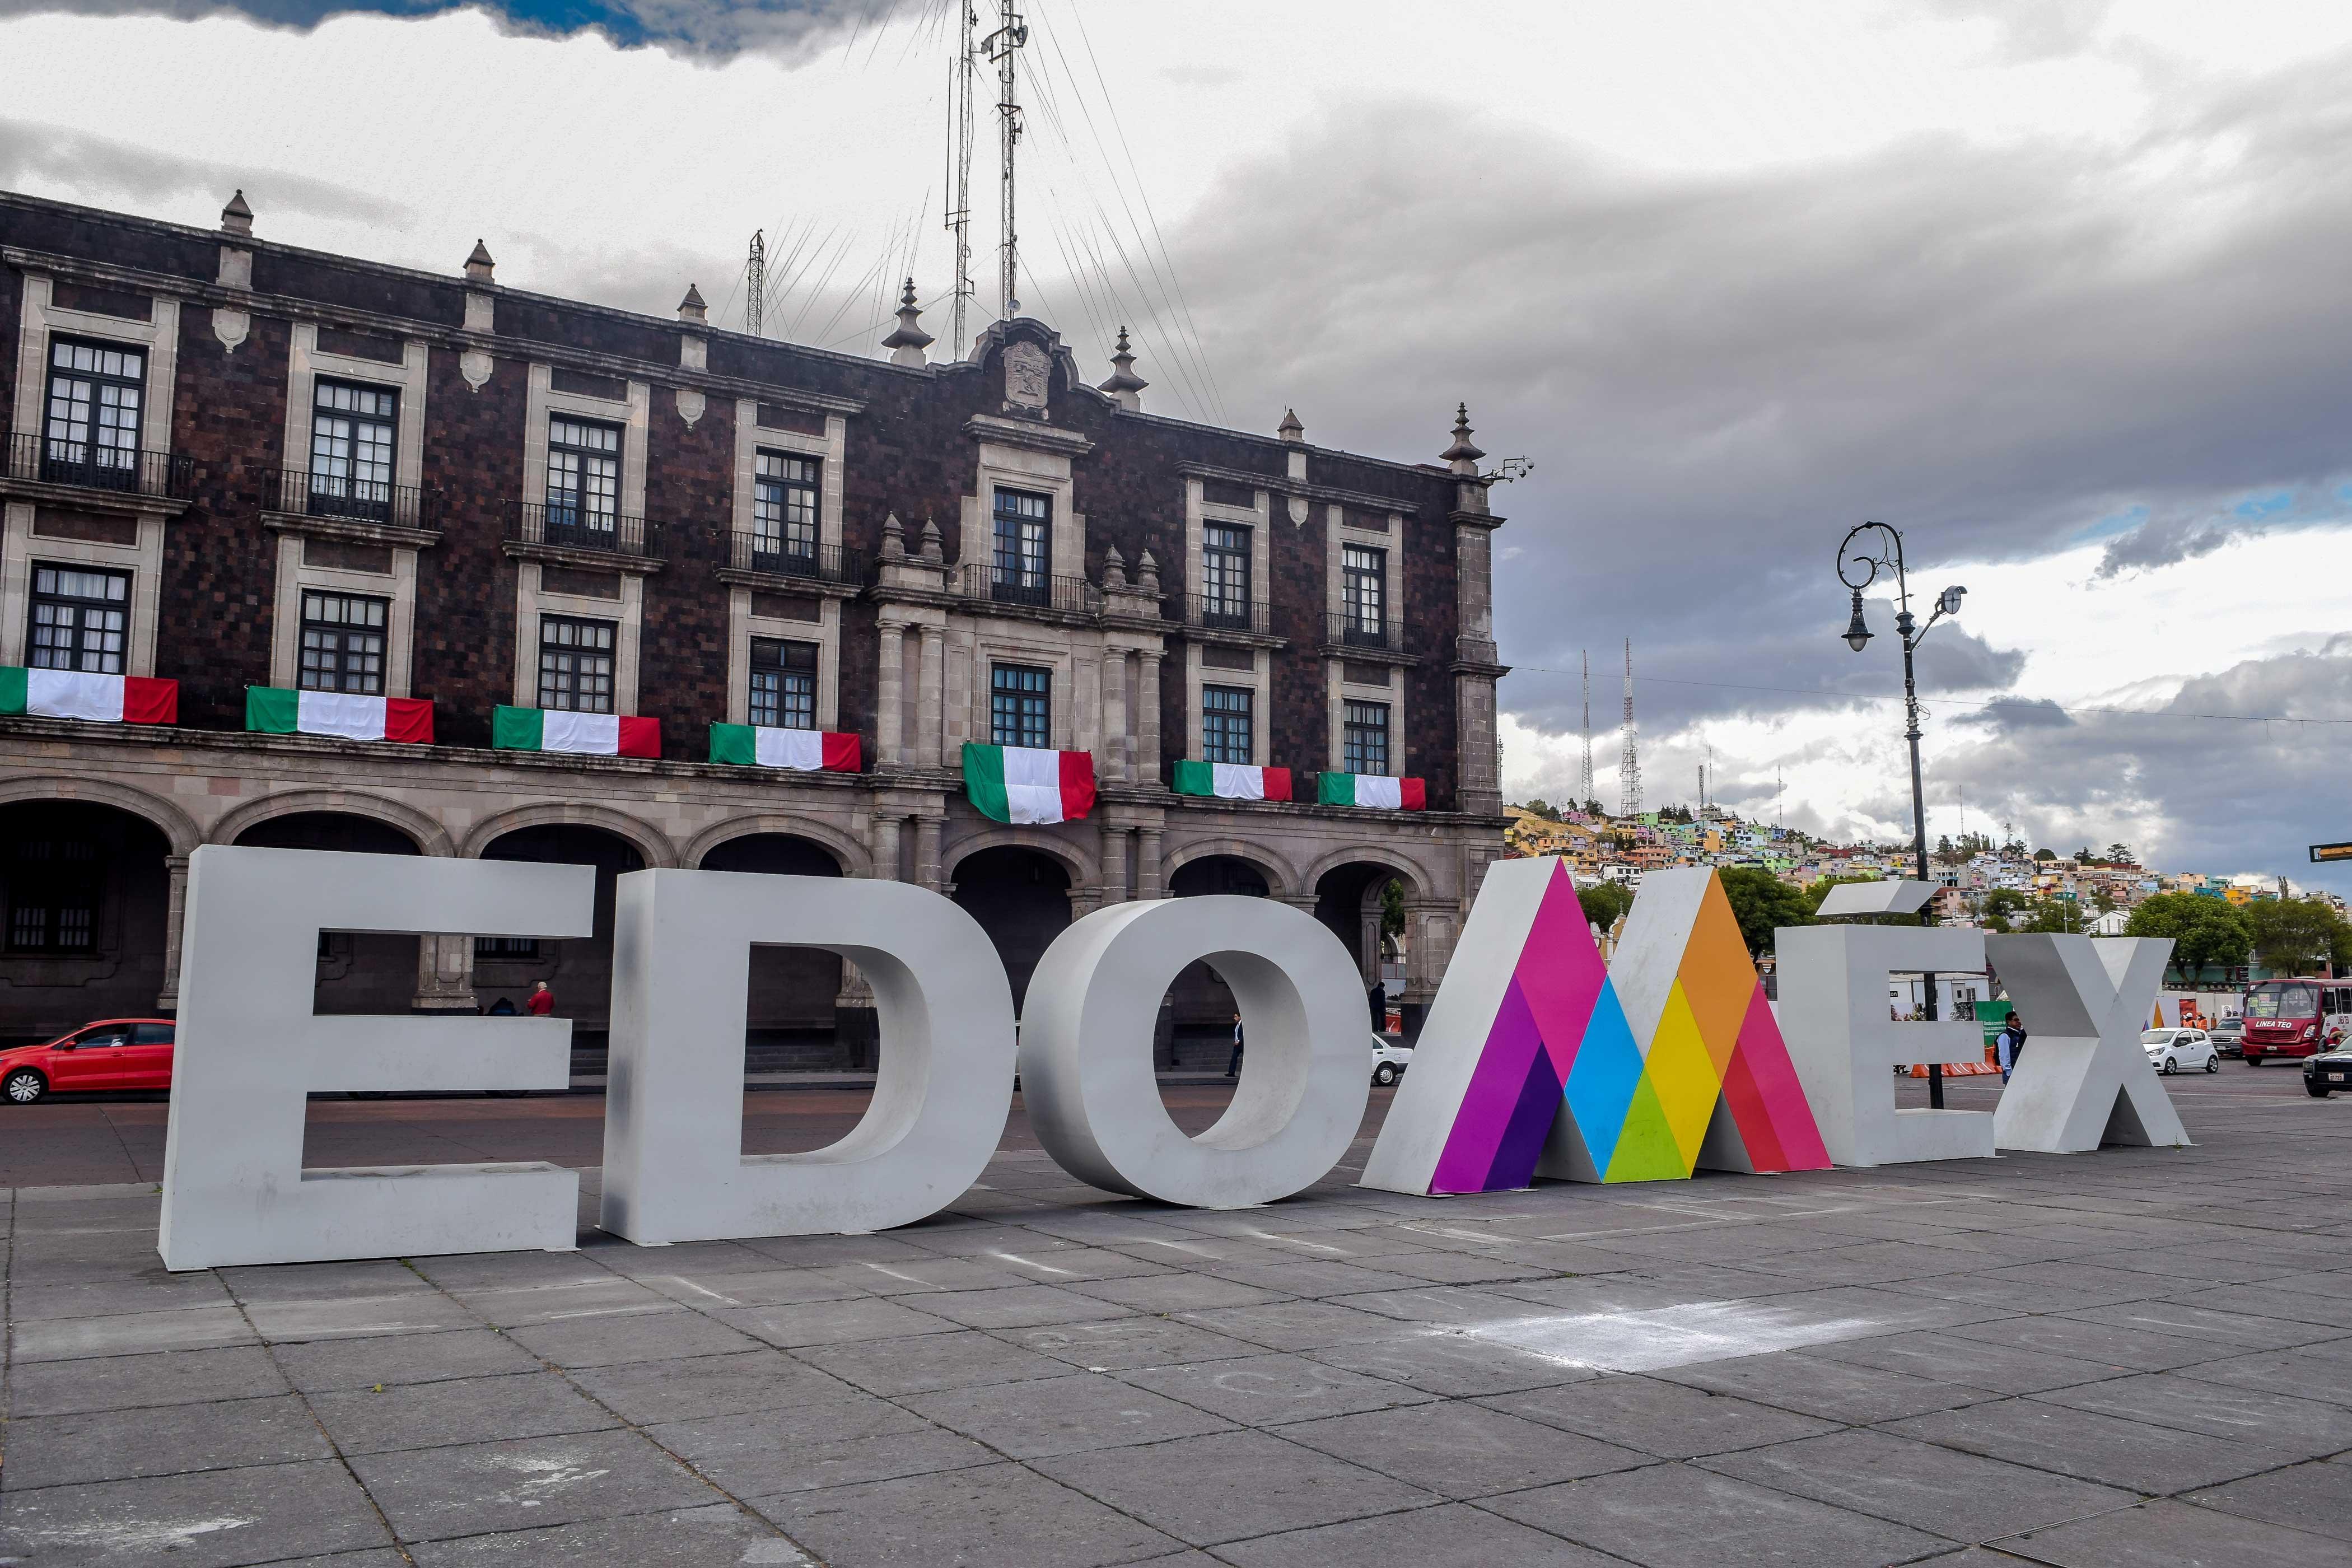 municipios-edomex-quiebra-por-culpa-del-coronavirus